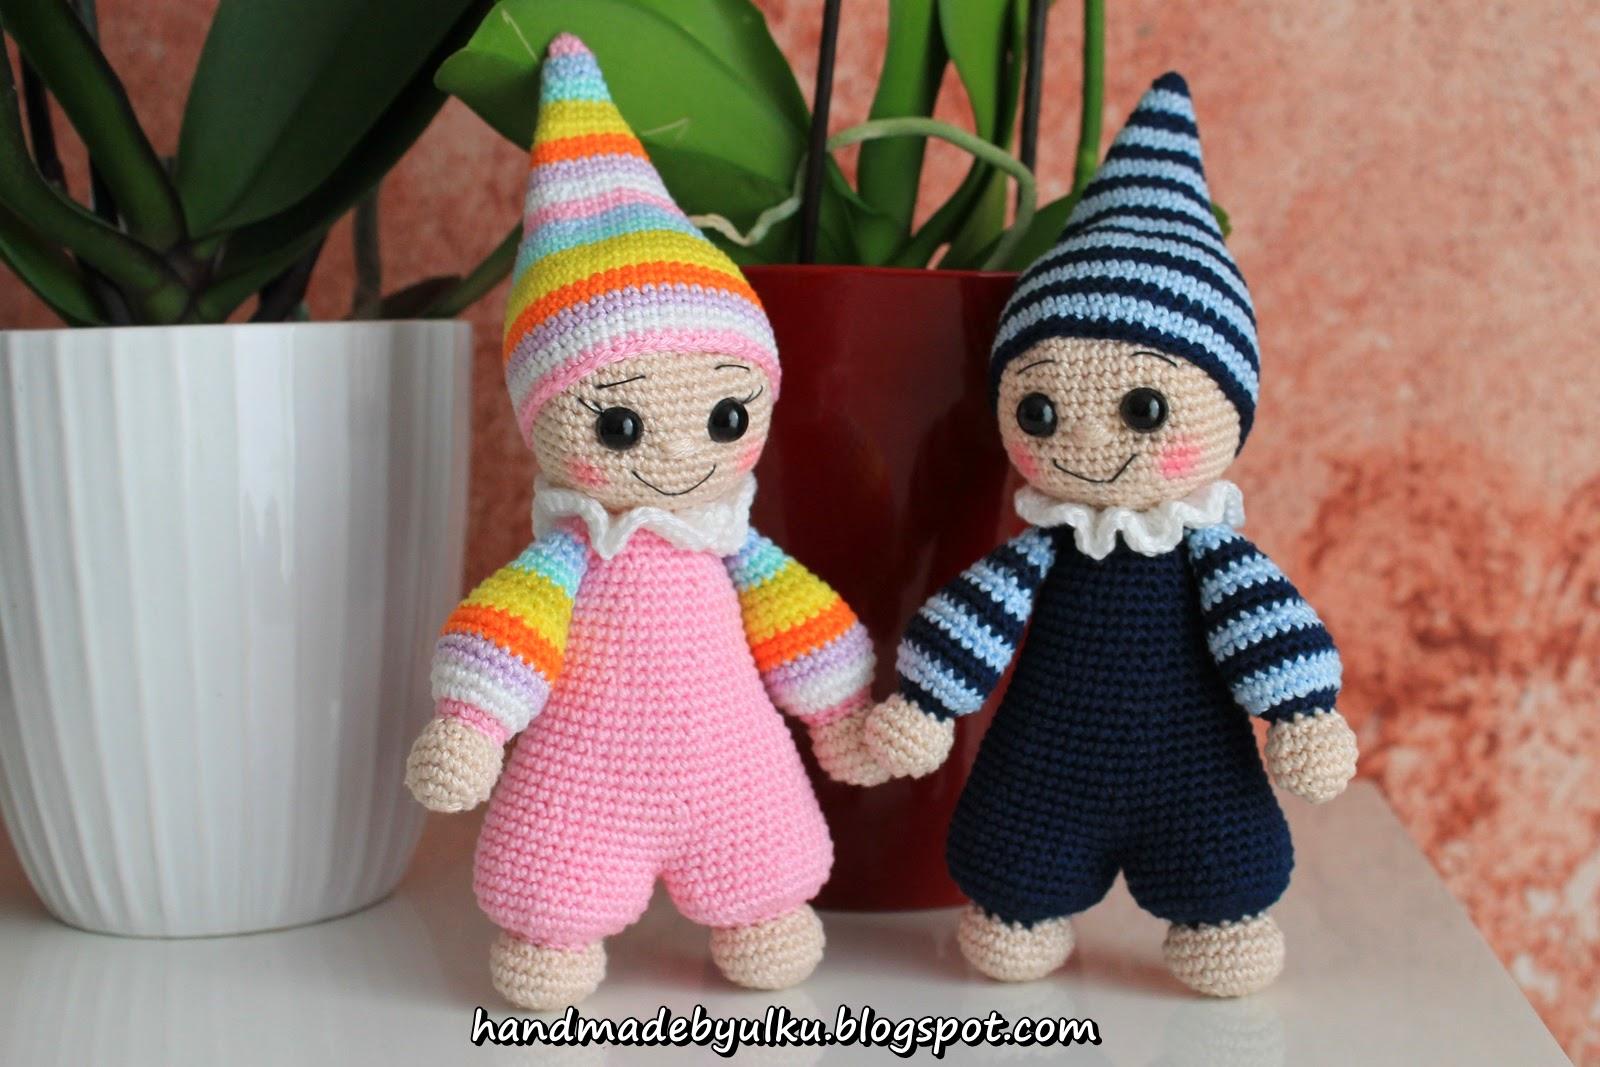 Amigurumi Cuddly Baby : Handmade by ulku: Amigurumi Zwerg / Cuddly Baby / Cuce